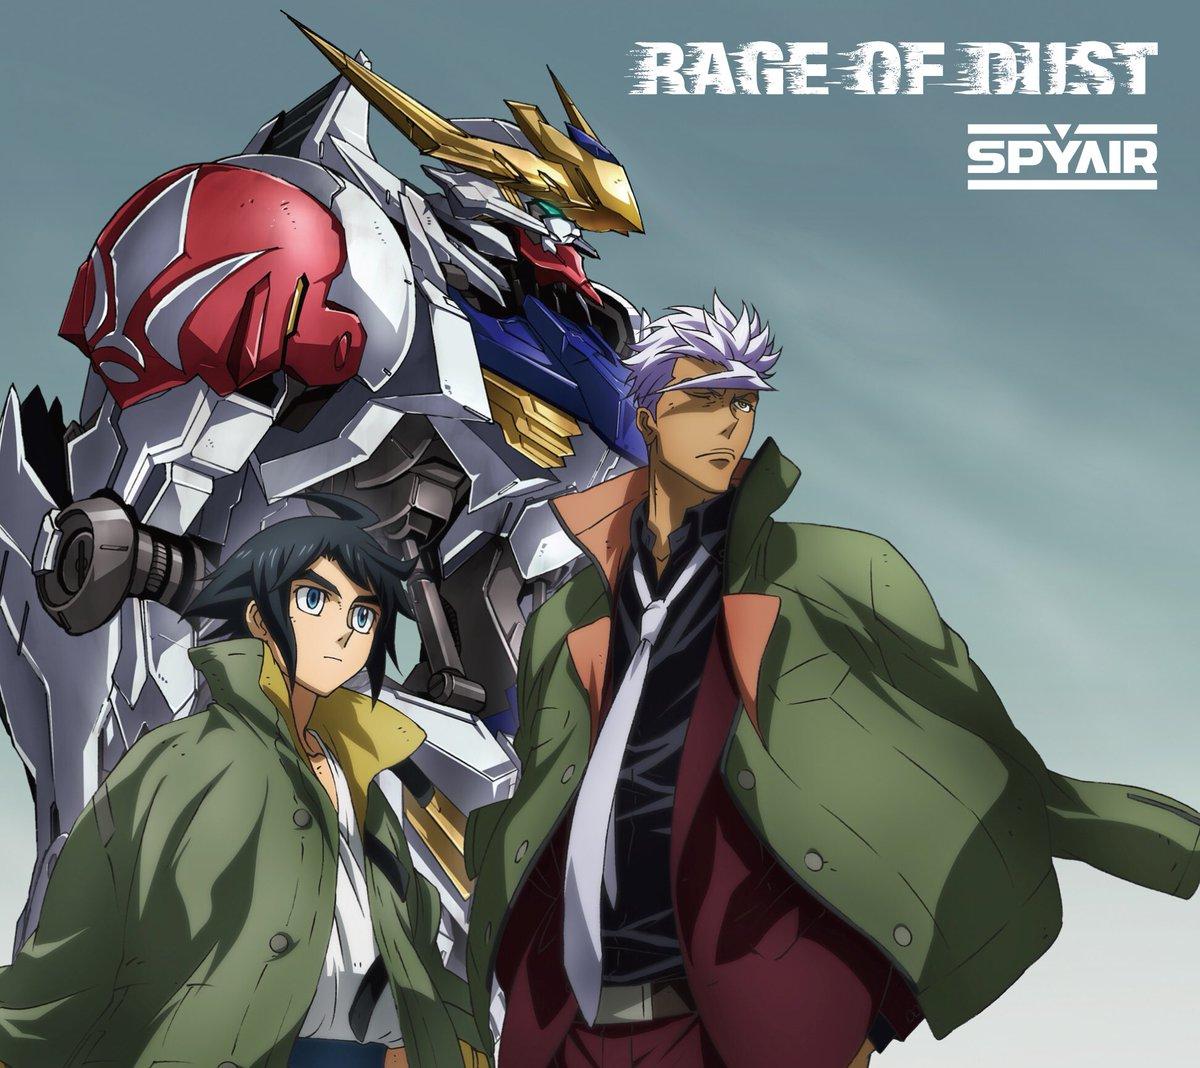 【音楽情報】OPテーマSPYAIR「RAGE OF DUST」描き下ろしジャケット公開!さらに!本日10/16(日)より